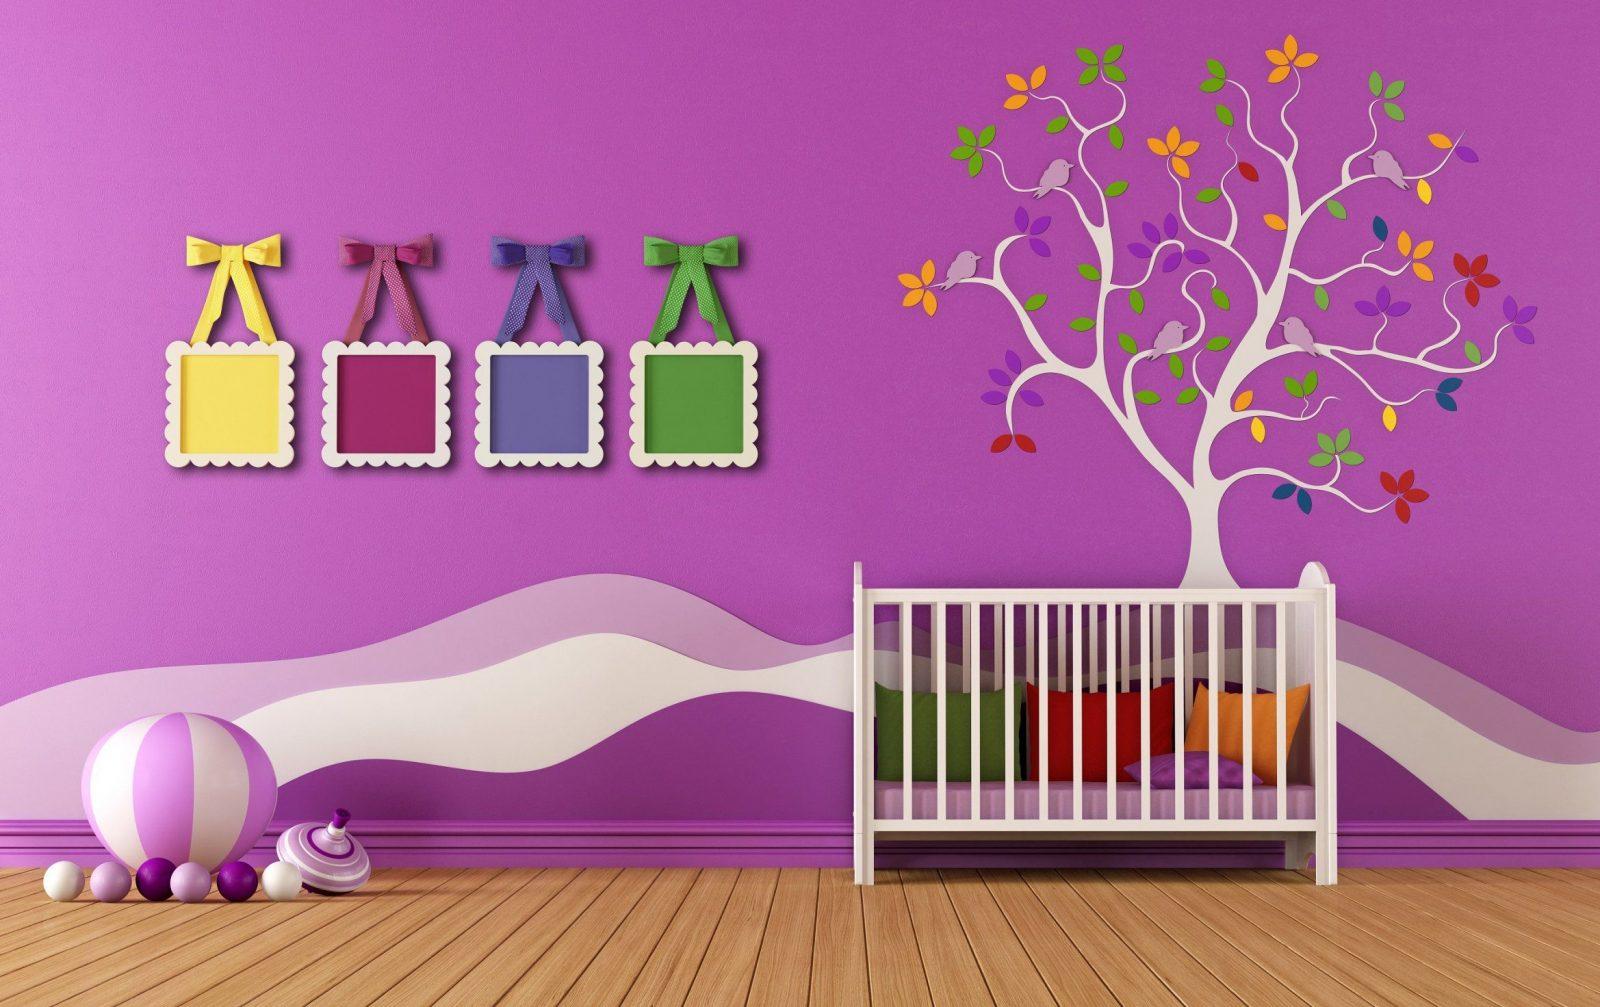 Kinderzimmer Baby Einrichten Und Ideen Wandgestaltung Mit Farbe Erstaunlich  Wandgestaltung Kinderzimmer Mit Farbe Farben Im So Von ...